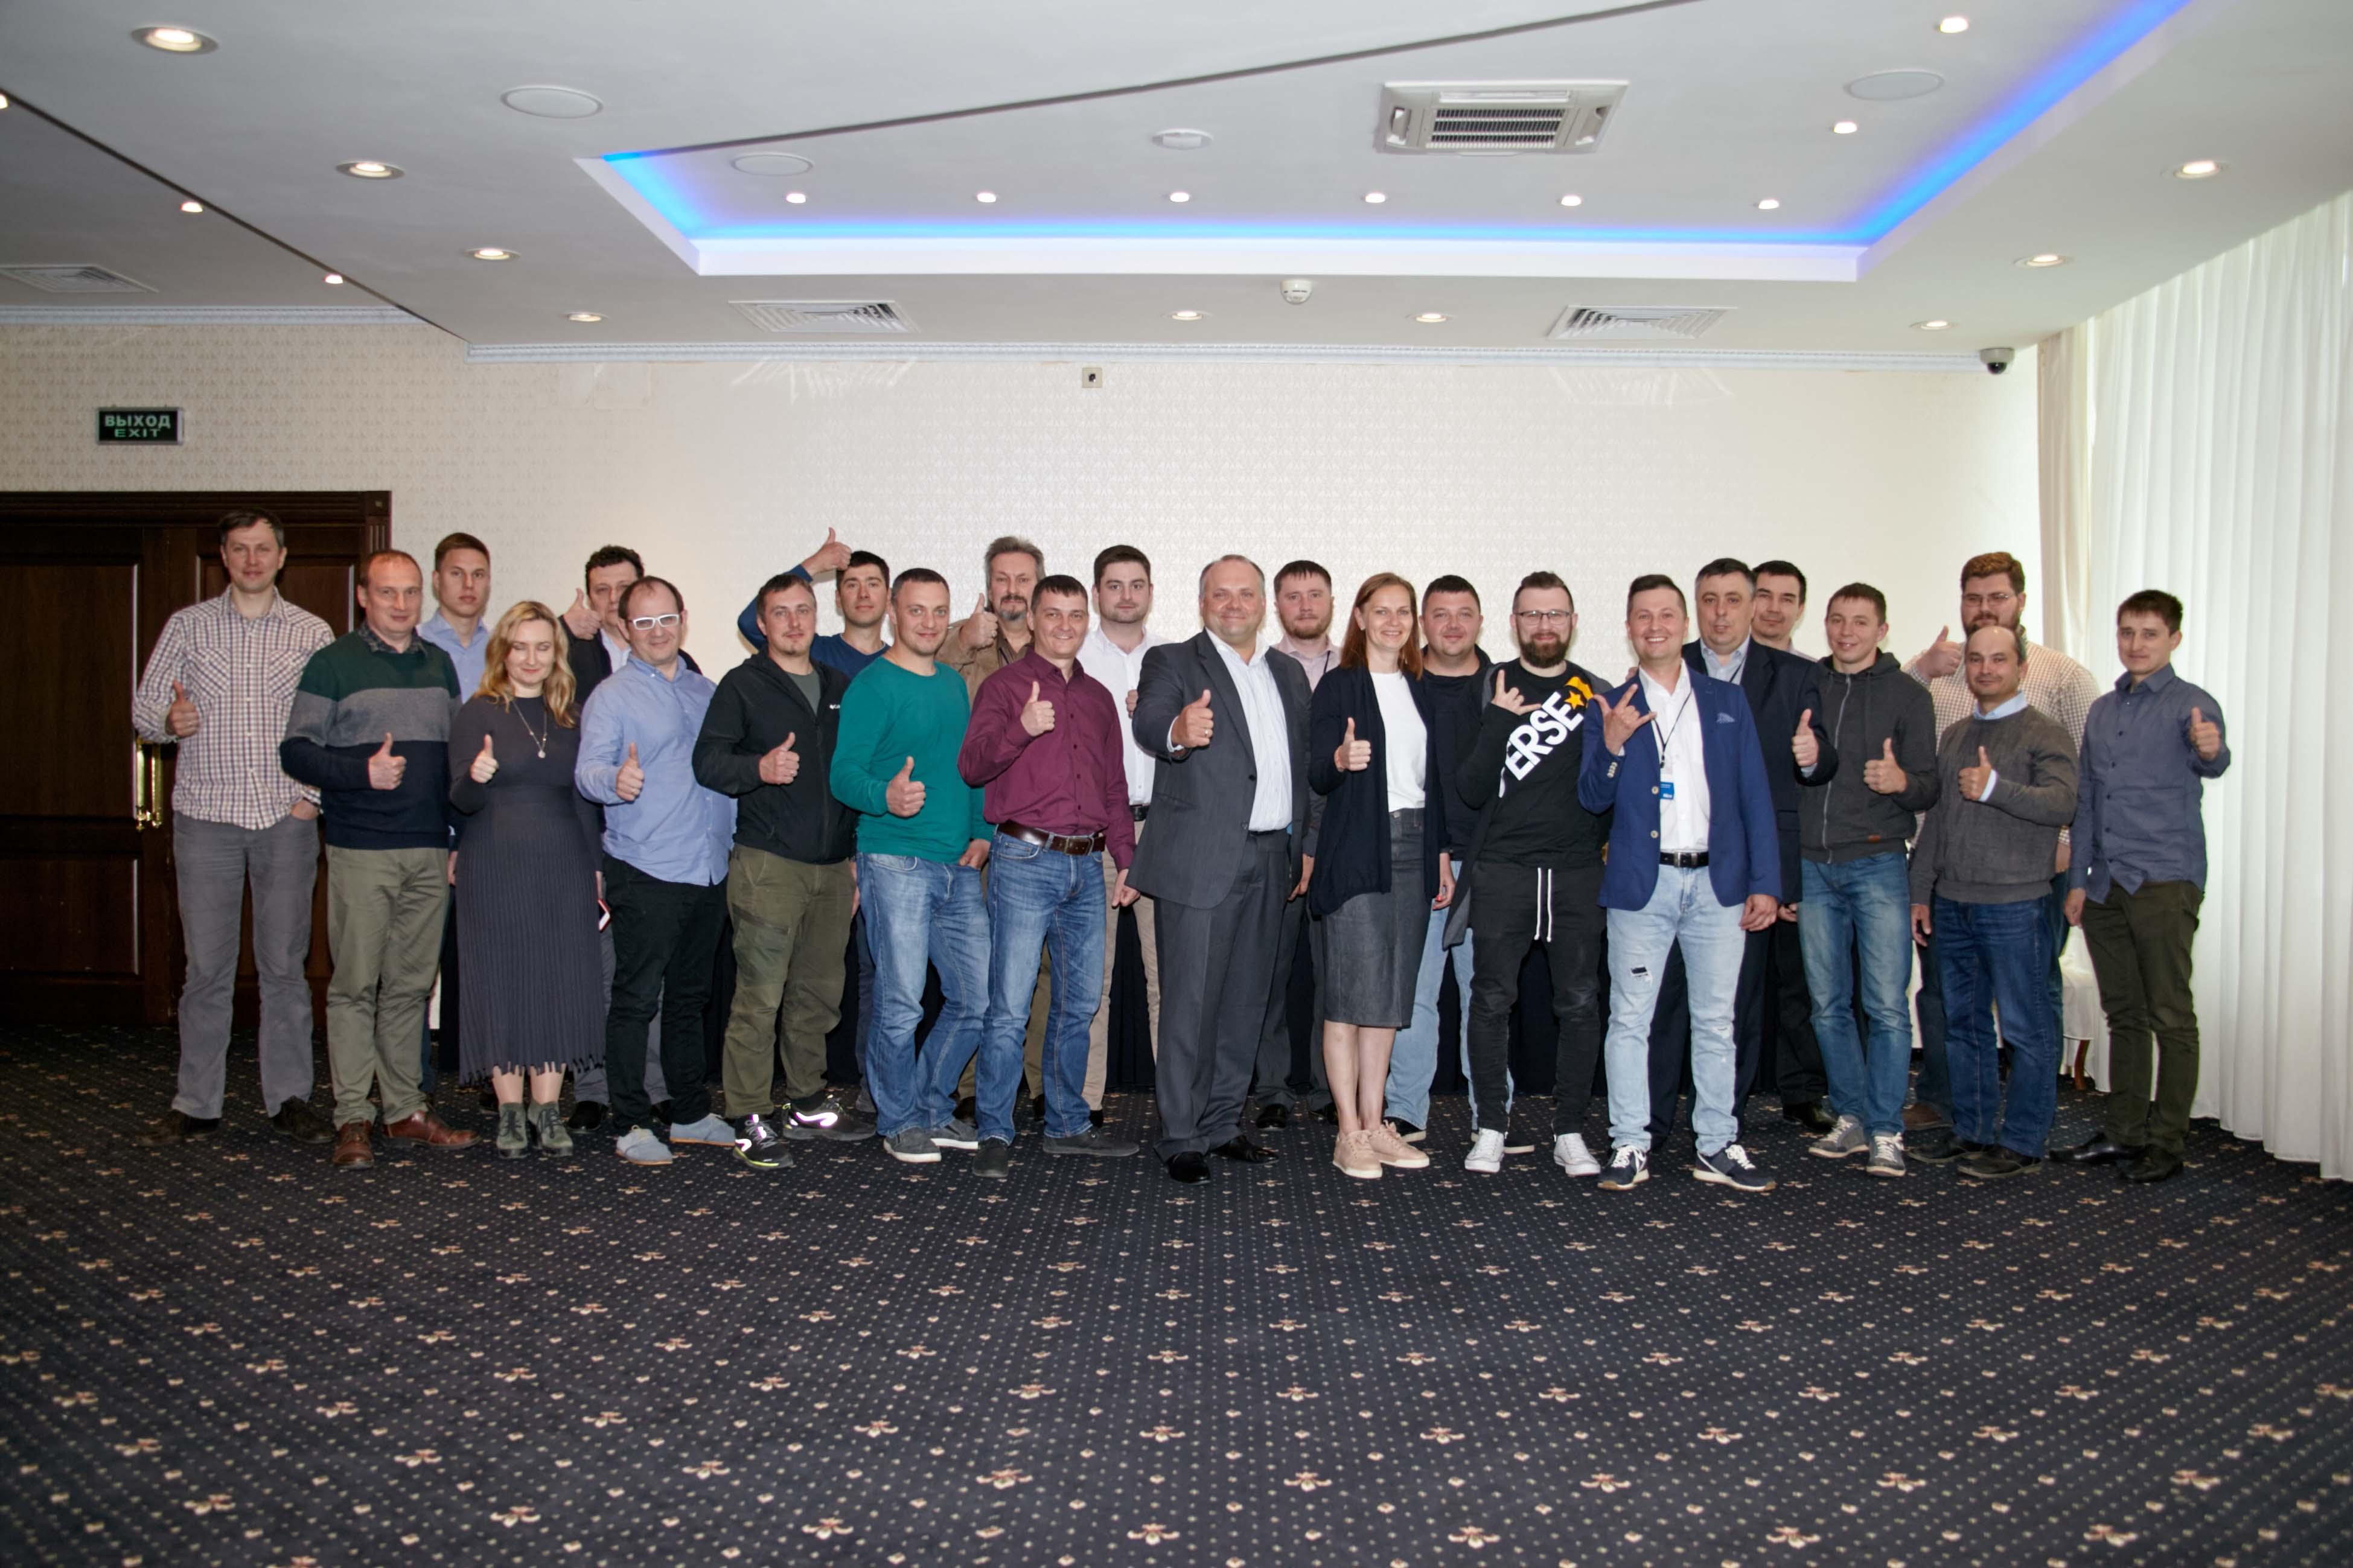 Ежегодное мероприятие Big Nice Day 2019 в Екатеринбурге — состоялось!